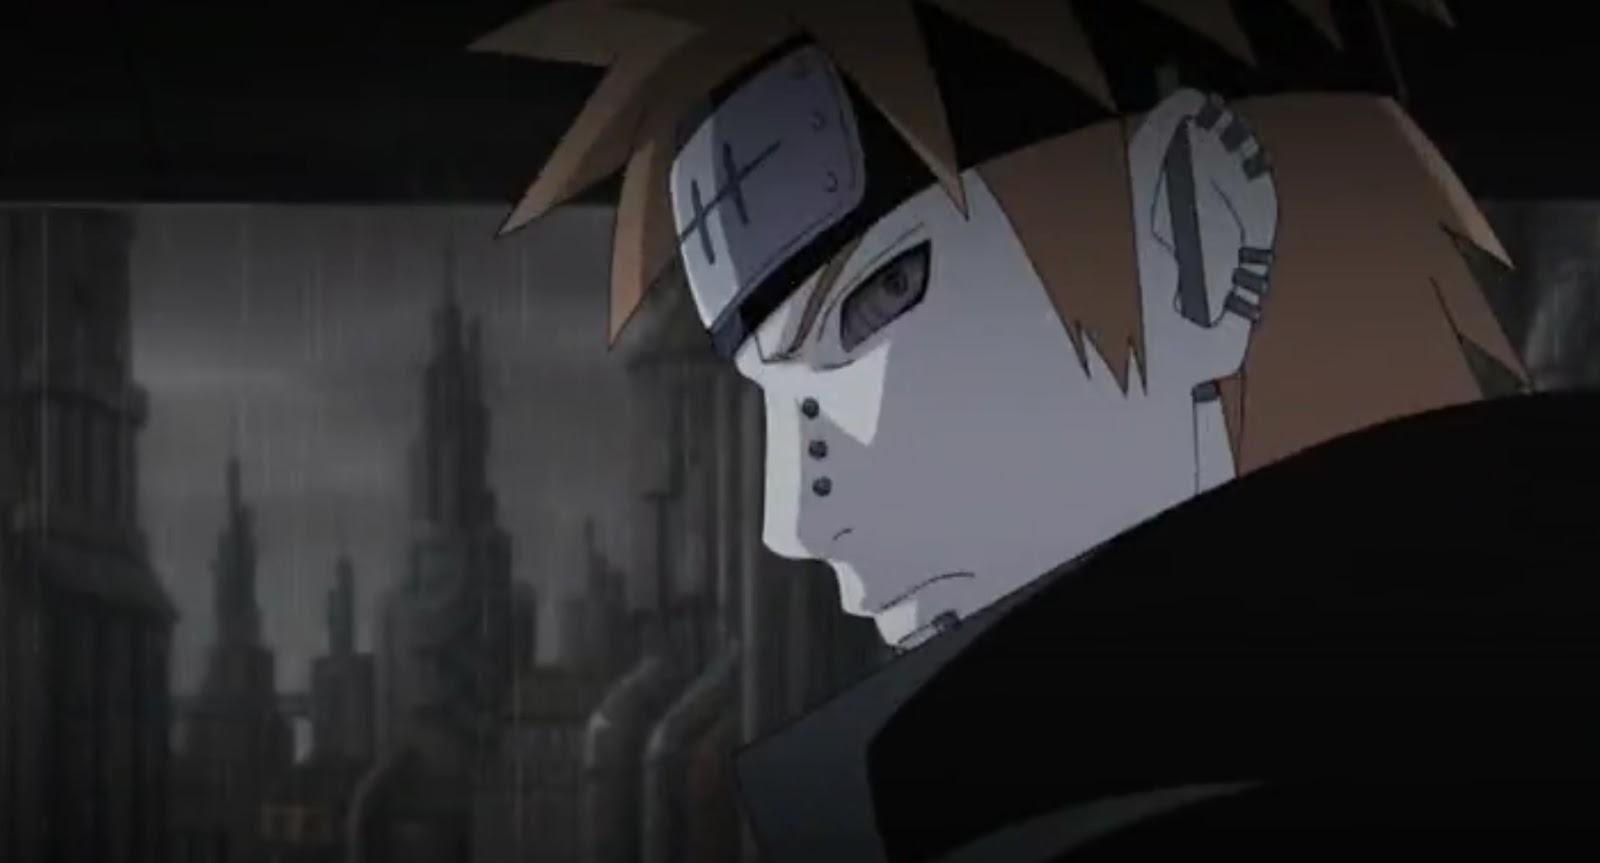 Naruto Shippuden Episódio 129, Naruto Shippuden Episódio 129, Assistir Naruto Shippuden Todos os Episódios Legendado, Naruto Shippuden episódio 129,HD